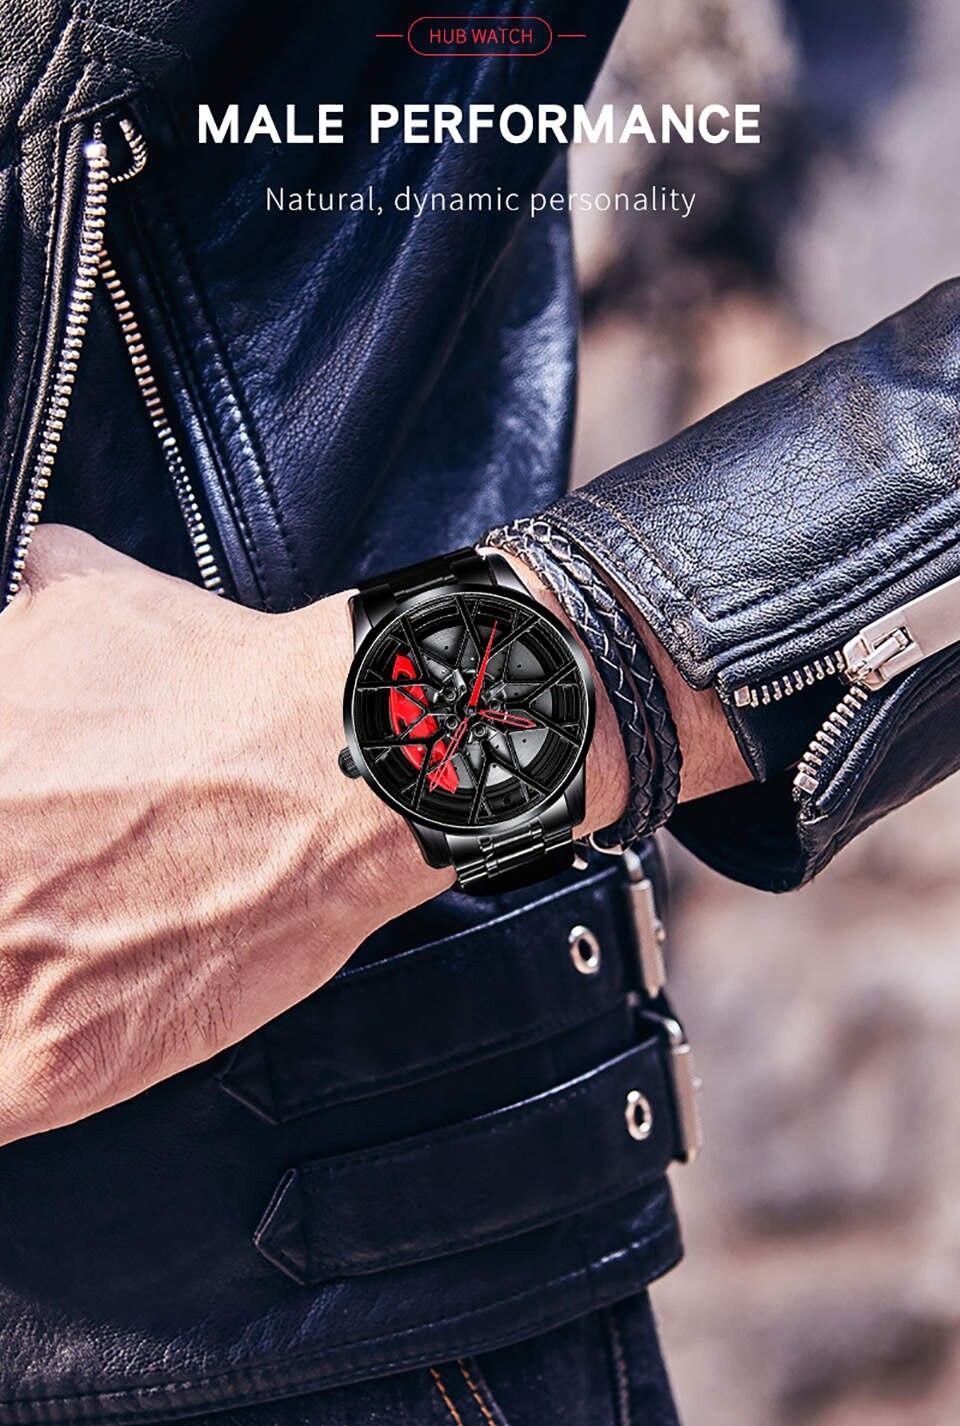 H8d90ddf145ab4da69365261898869b01G NIBOSI 2020 Car Rim Hub Wheel Watch Custom Design